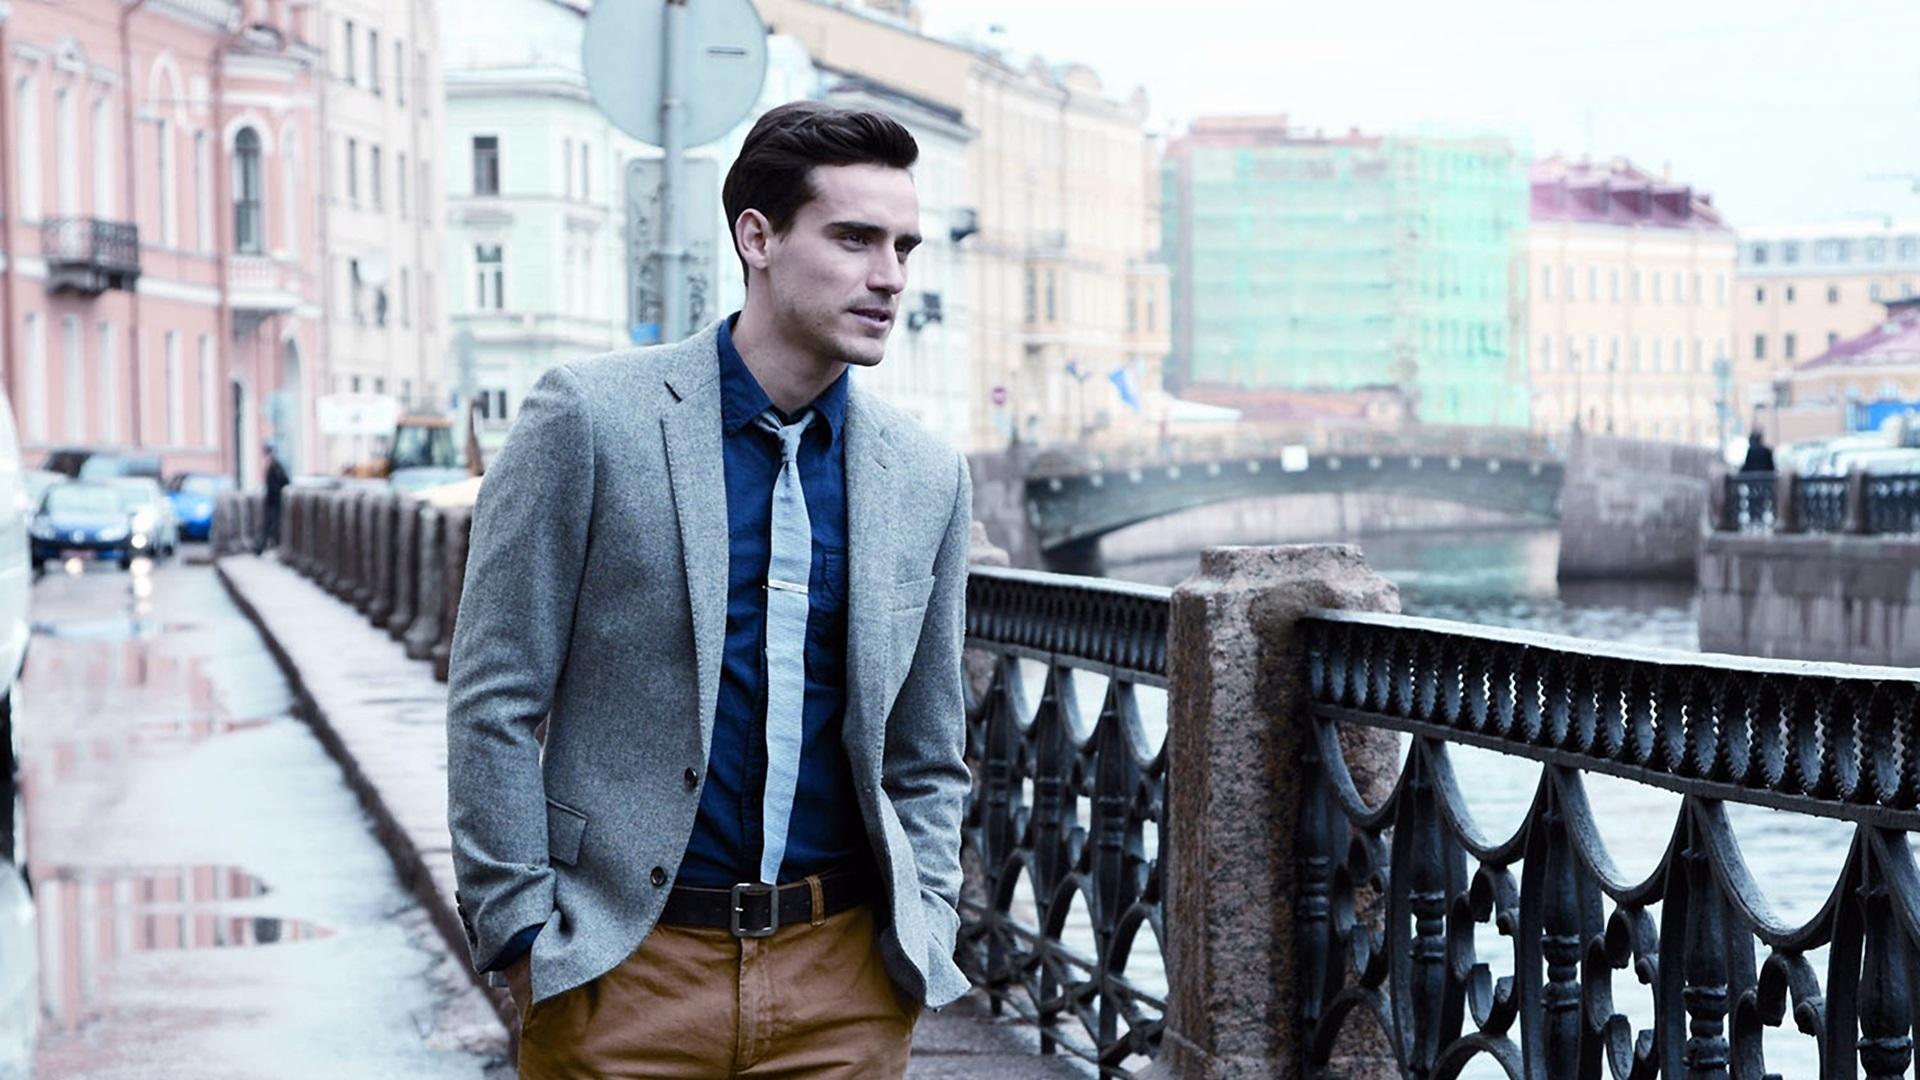 DOWNLOAD DESKTOP BACKGROUND: Men Fashion Background - FULL SIZE ...